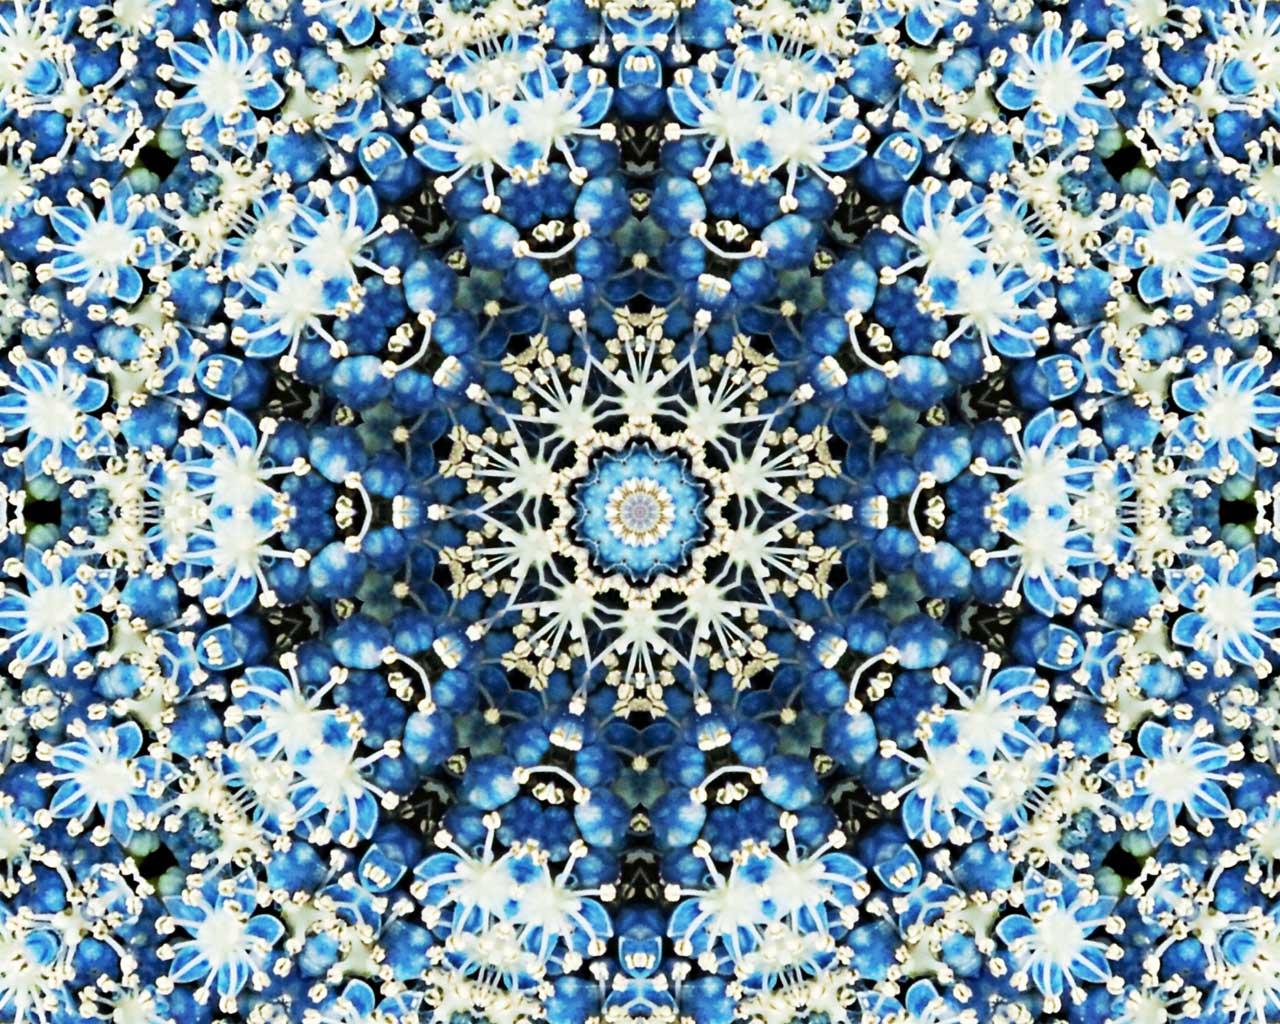 Kaleidoscope desktop free background by Jeanne Selep